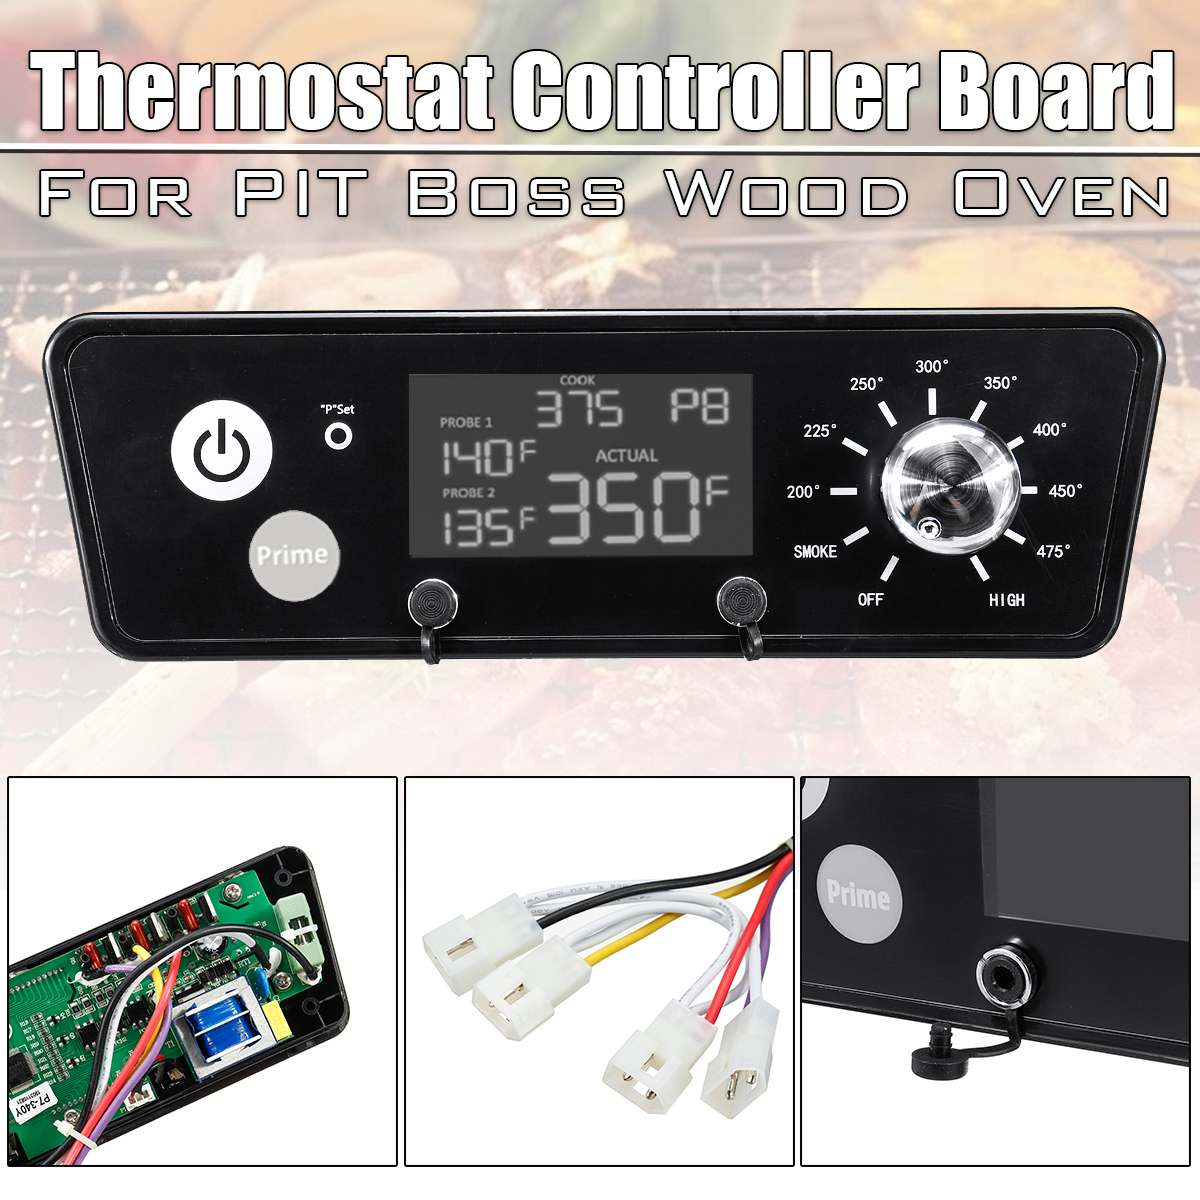 Nouveau AC 120V Thermostat numérique conseil mise à niveau régulateur de température remplacement pour granulés gril cuisine Barbecue Barbecue outils